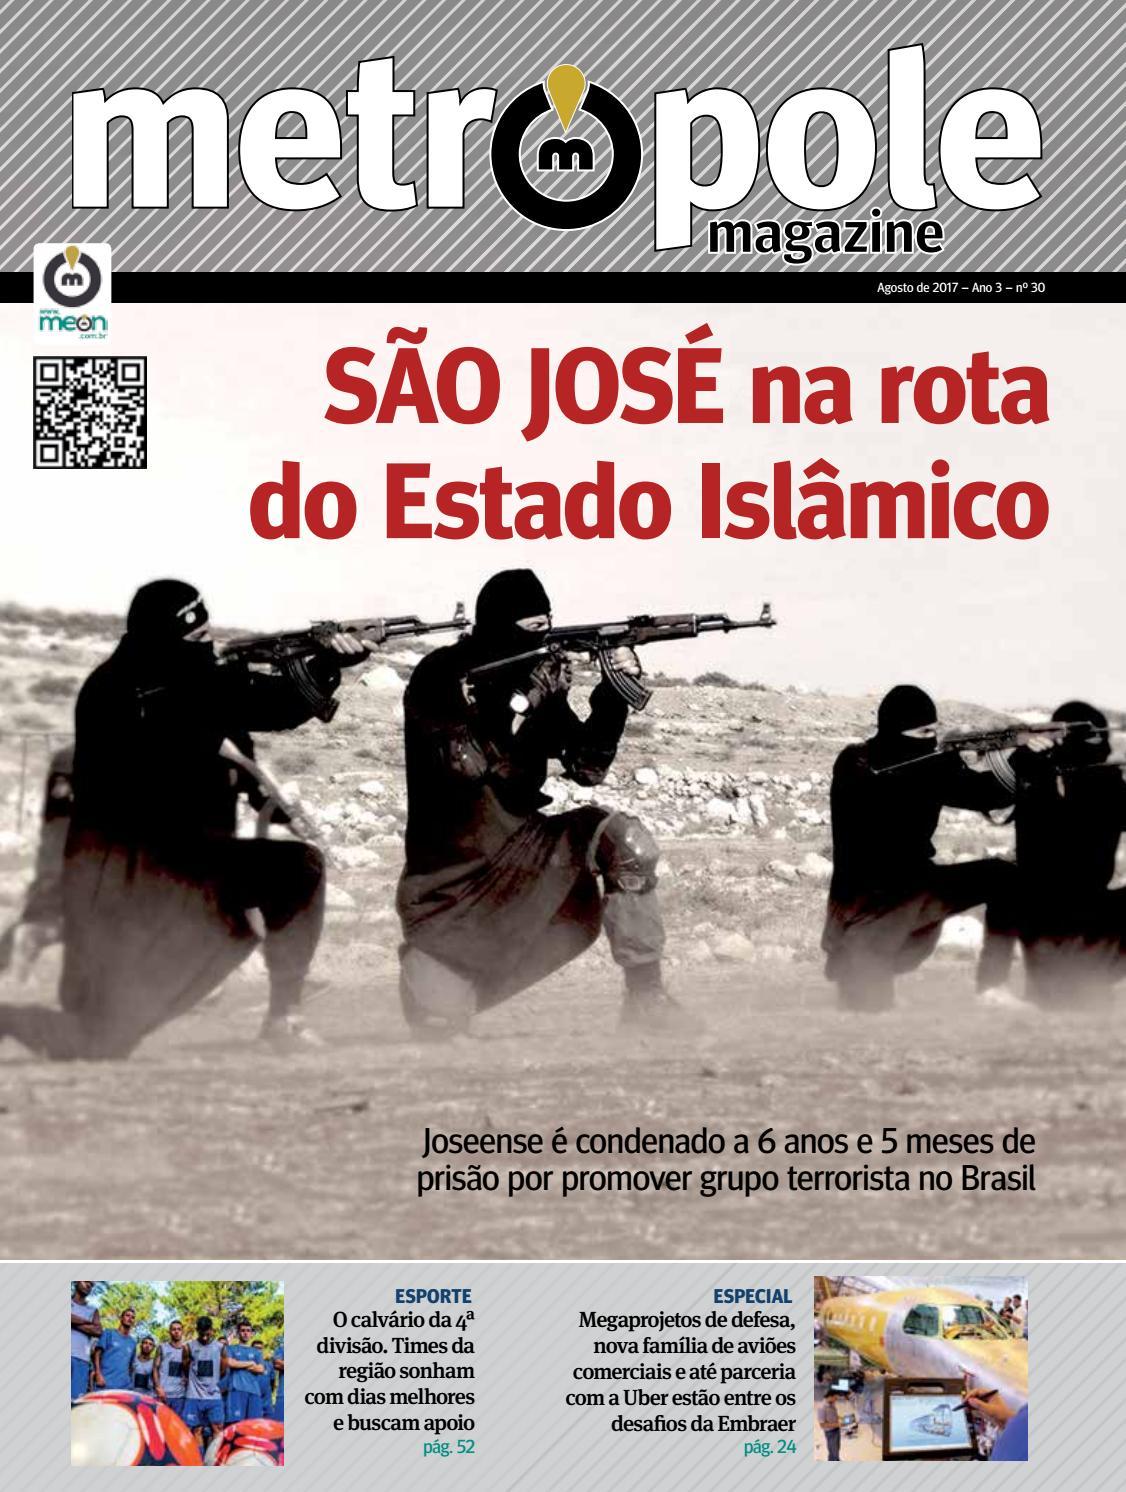 Metrópole Magazine - Agosto de 2017   Edição 30 by Portal Meon - issuu 7c354dc63c264